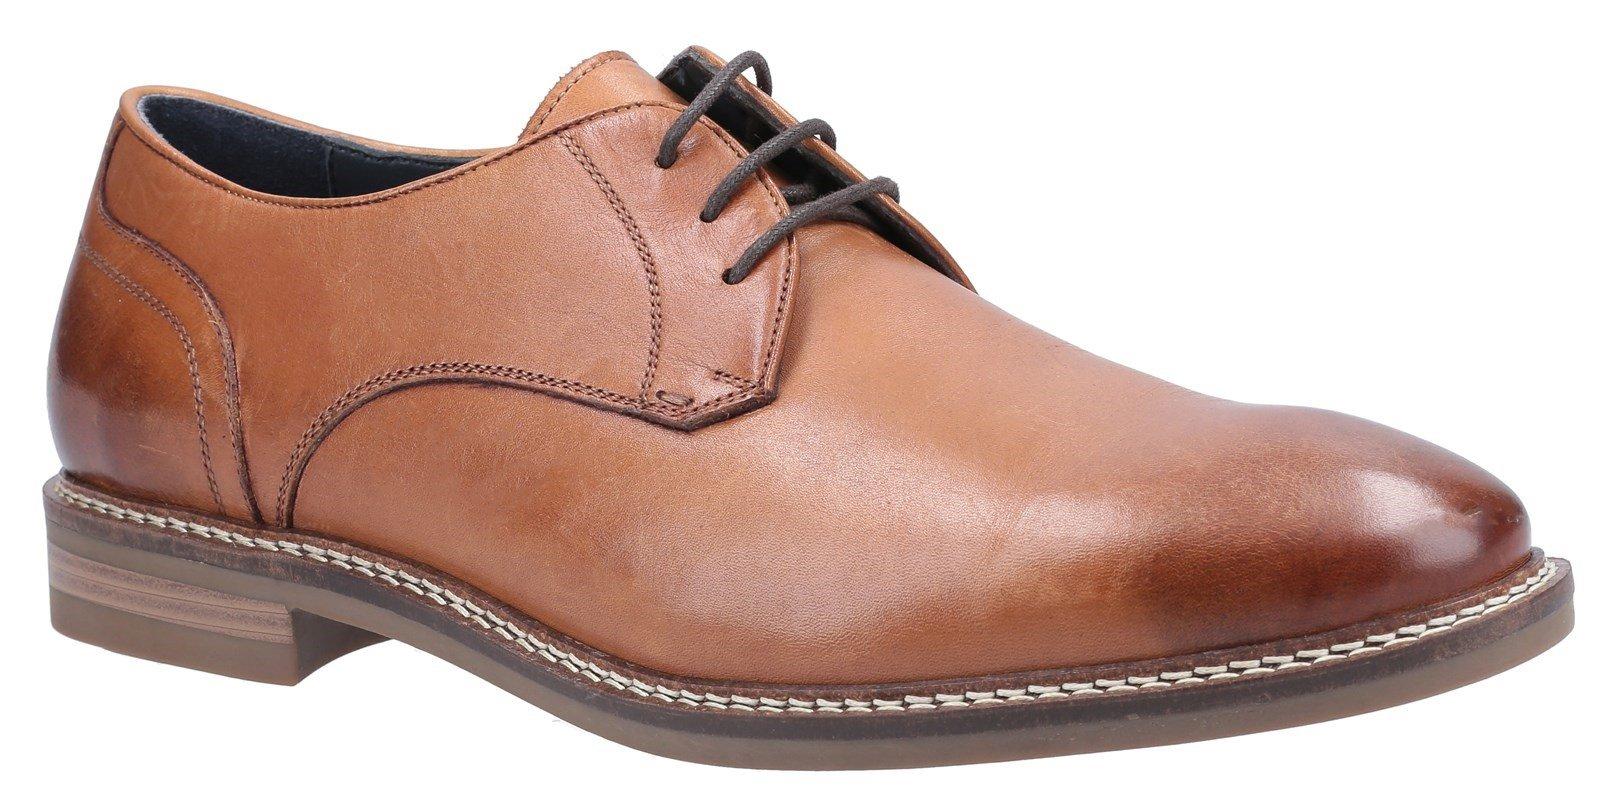 Hush Puppies Men's Brayden Lace Derby Shoes Various Colours 31279 - Tan 6